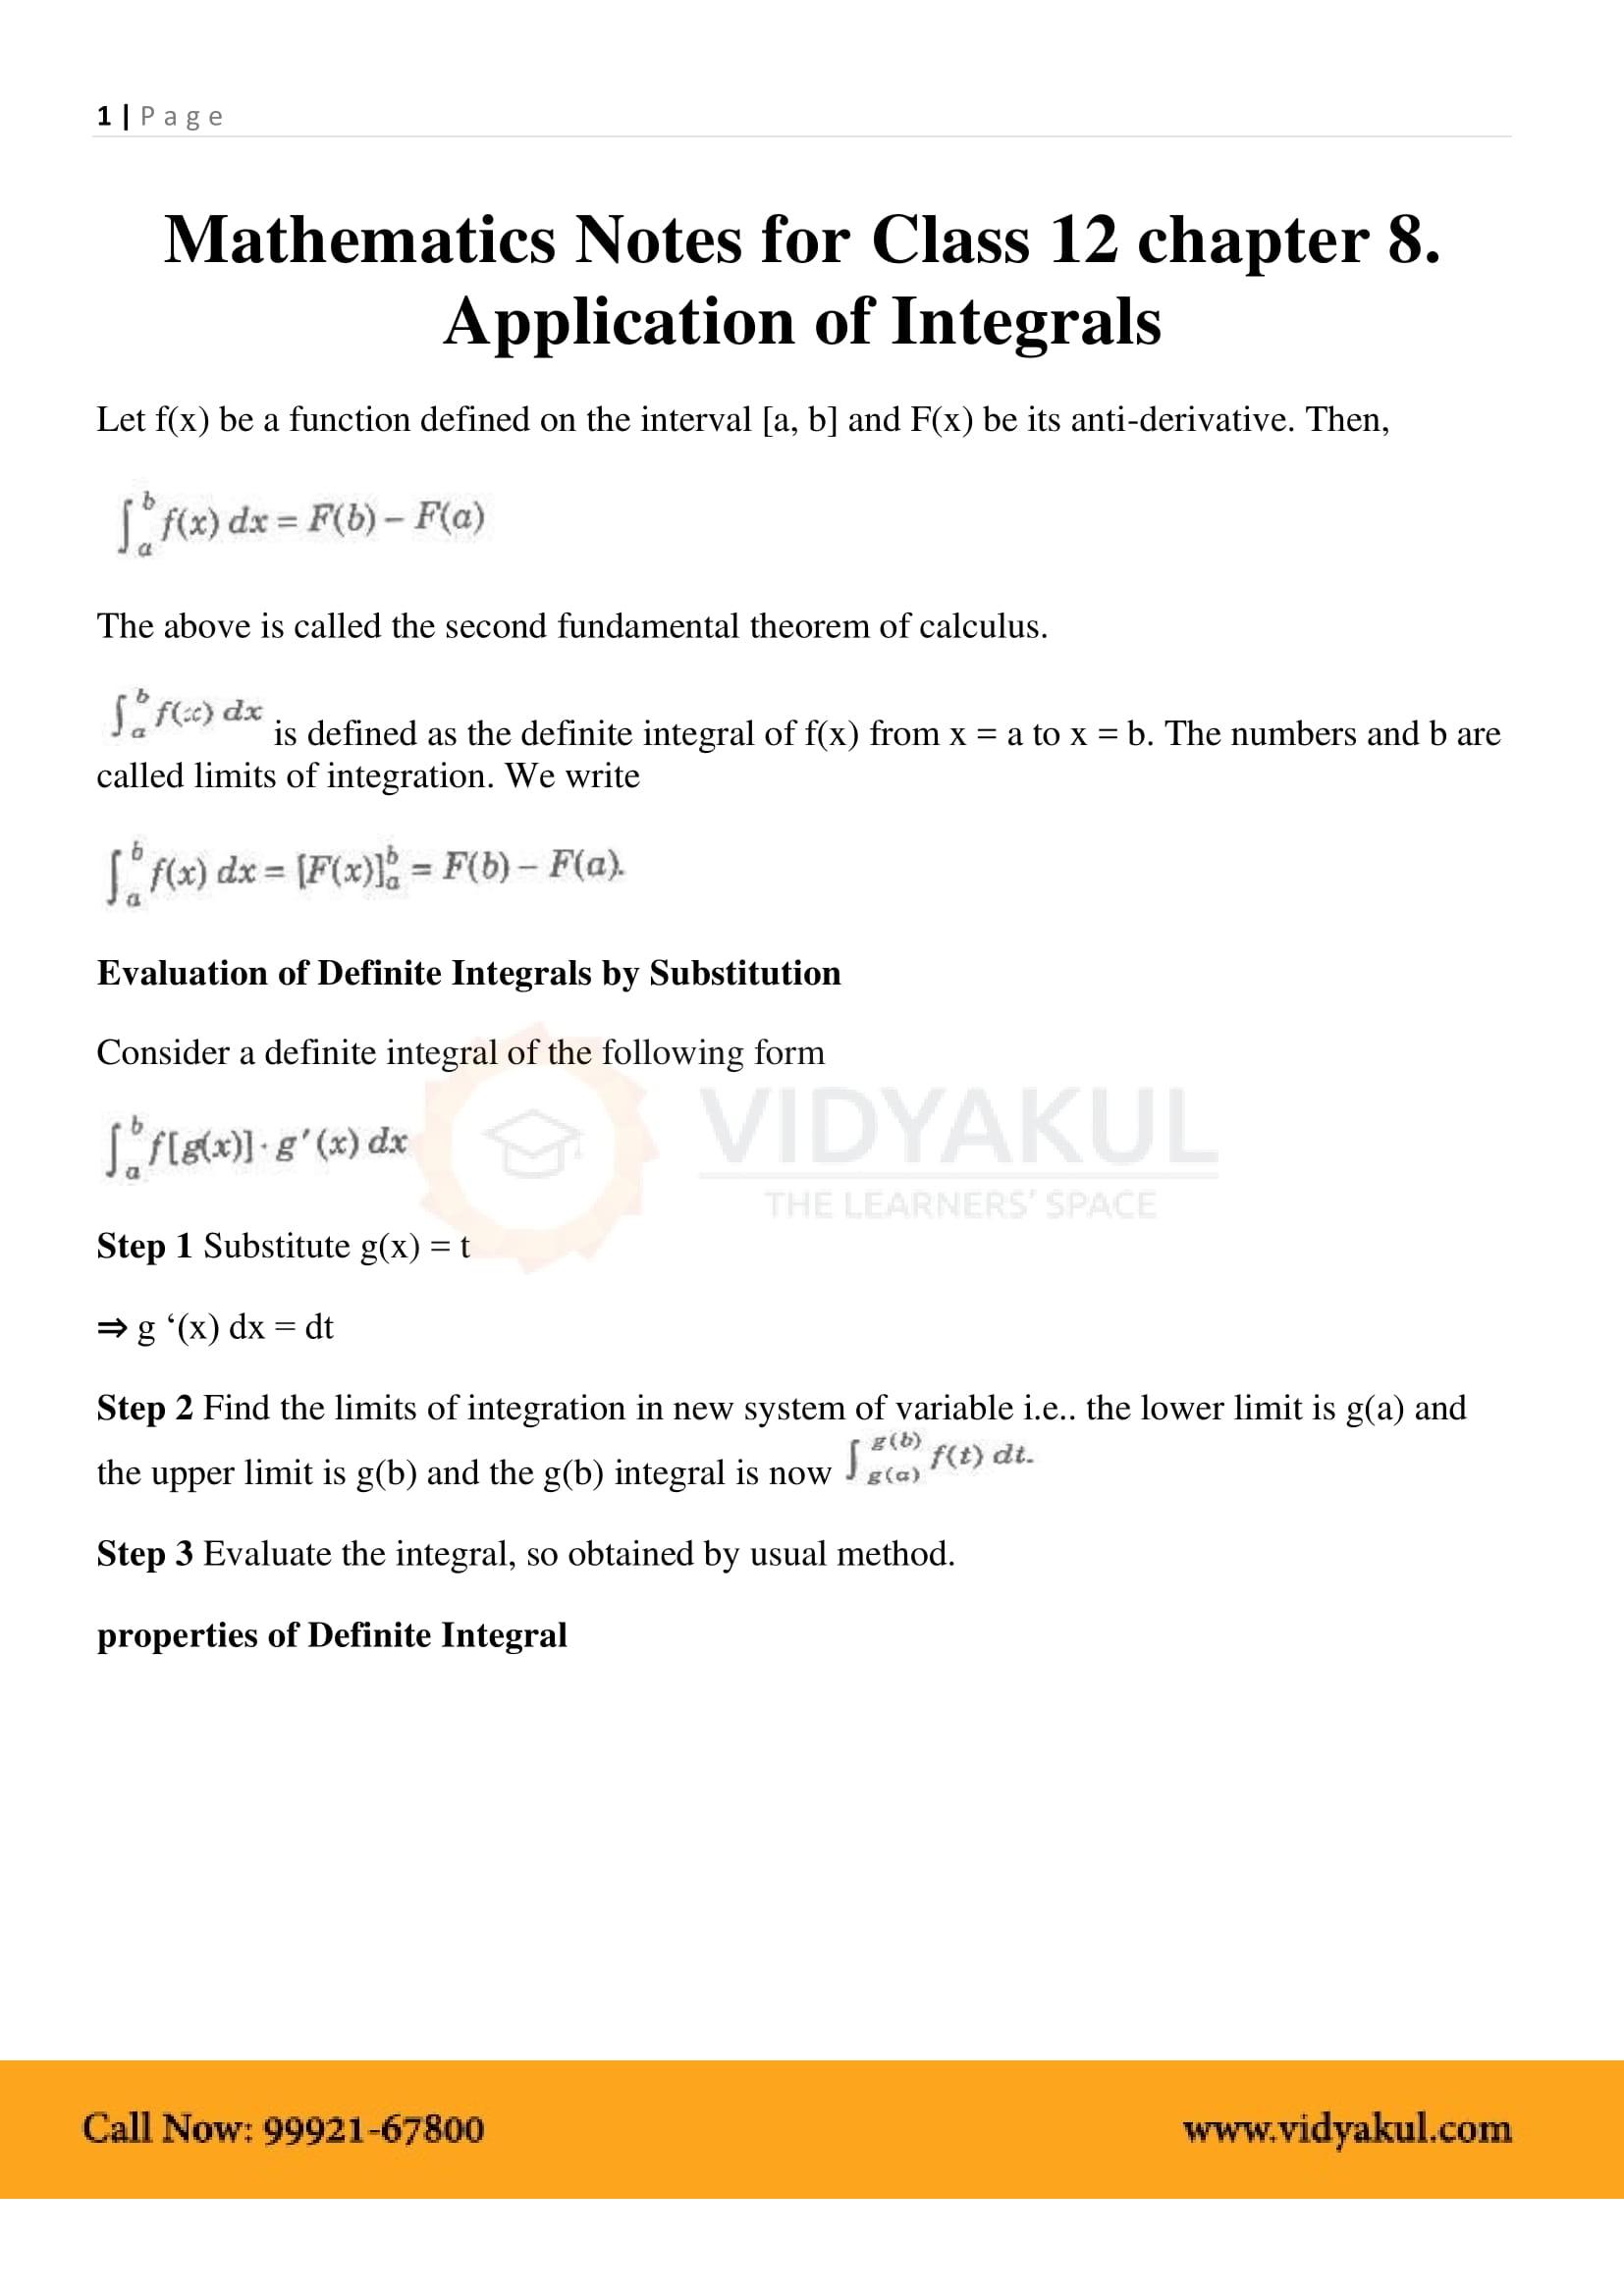 Application of Integrals Class 12 Notes | Vidyakul